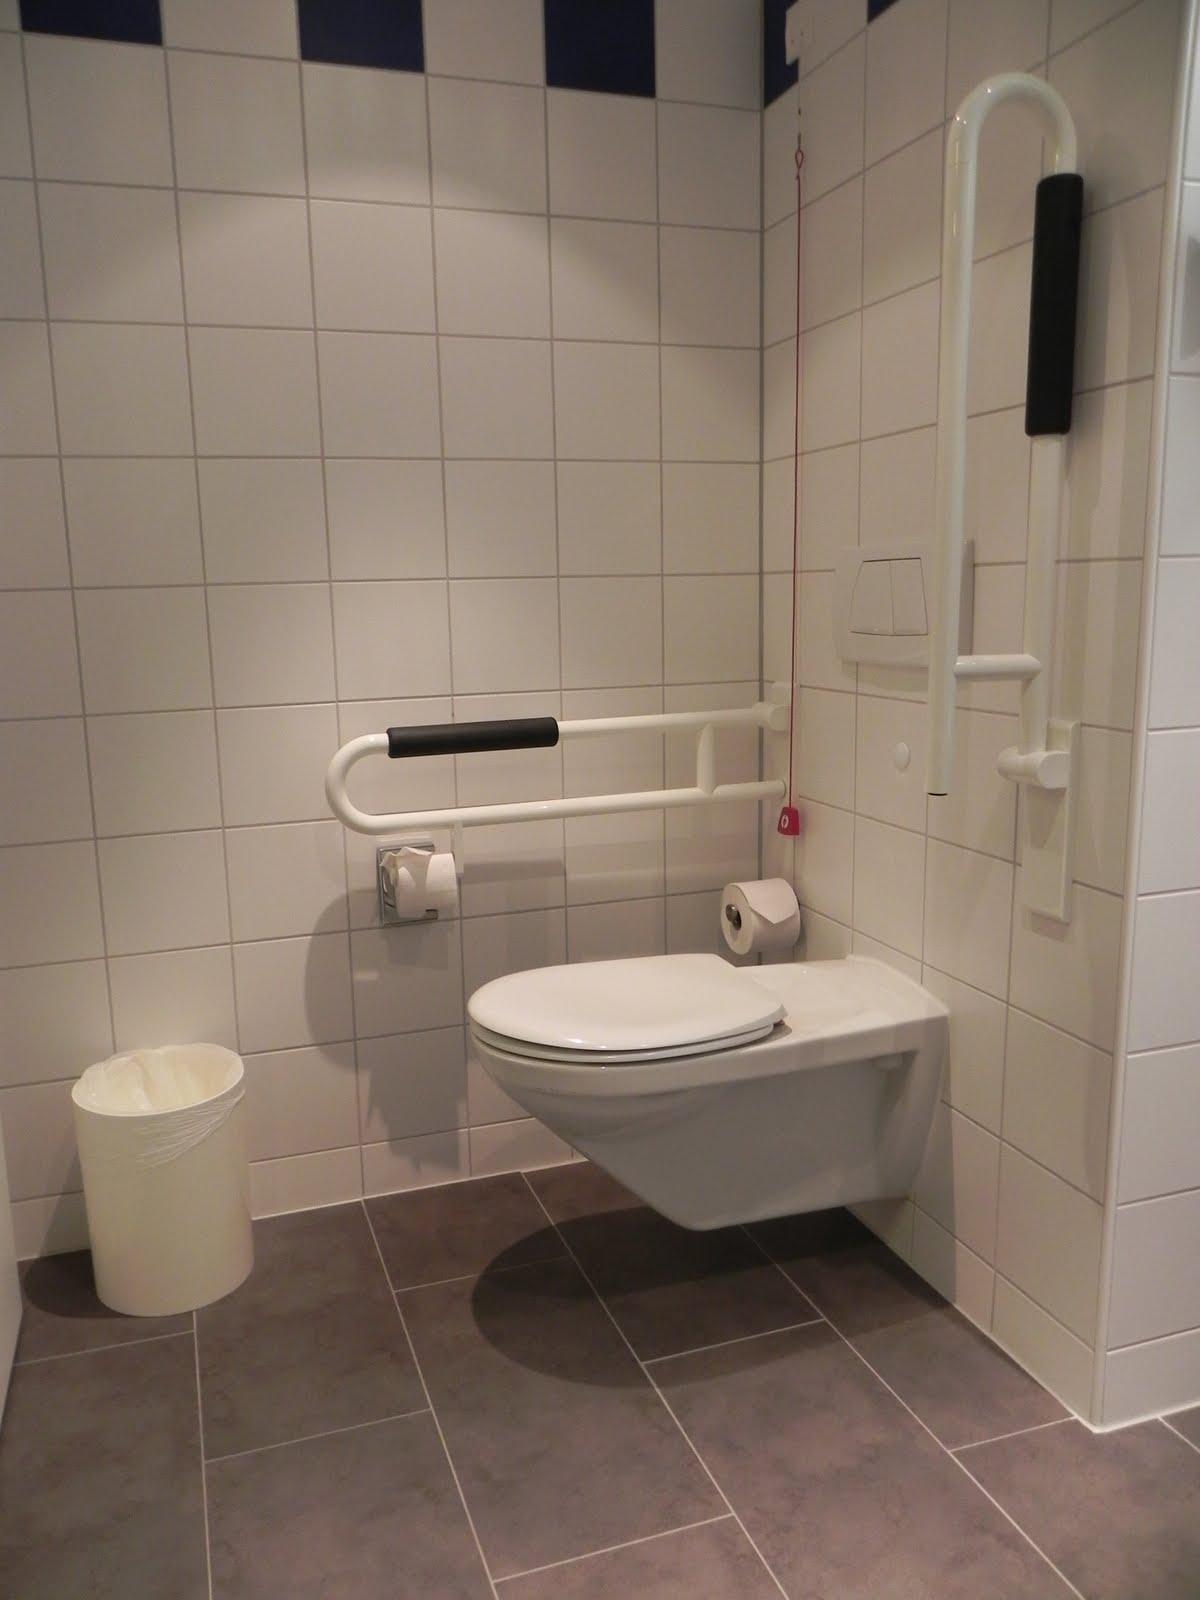 Imagens de #81644A bacia sanitária é do tipo suspensa com barras de apoio articuladas  1200x1600 px 3594 Barra Banheiro Cadeirante